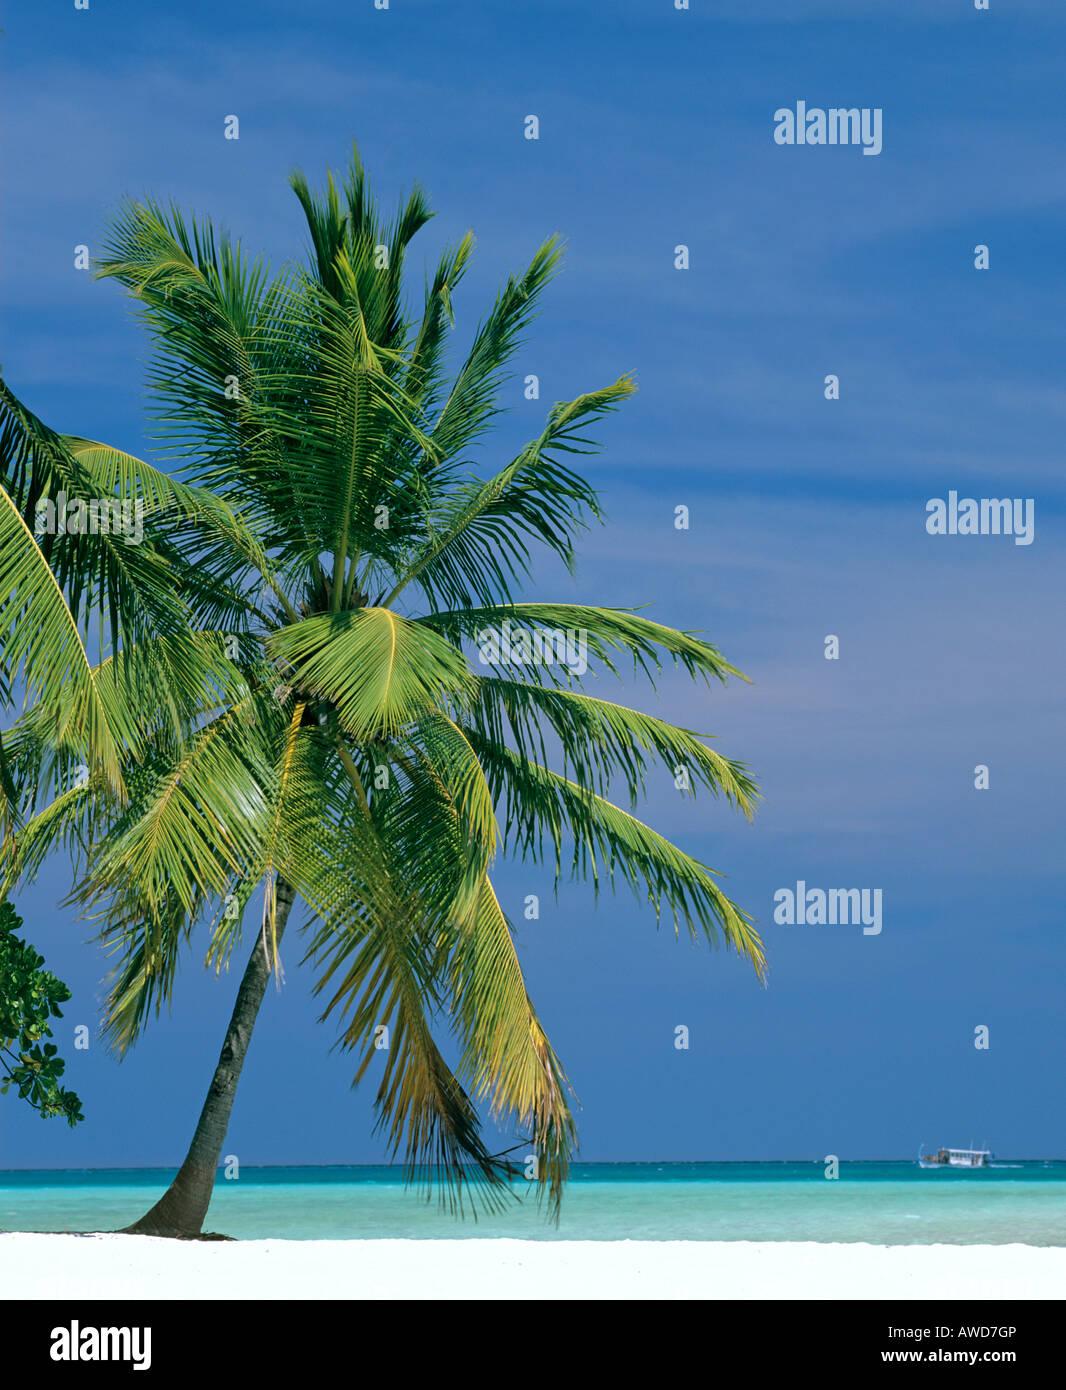 Palm Tree sulla spiaggia, Maldive, Oceano Indiano Immagini Stock